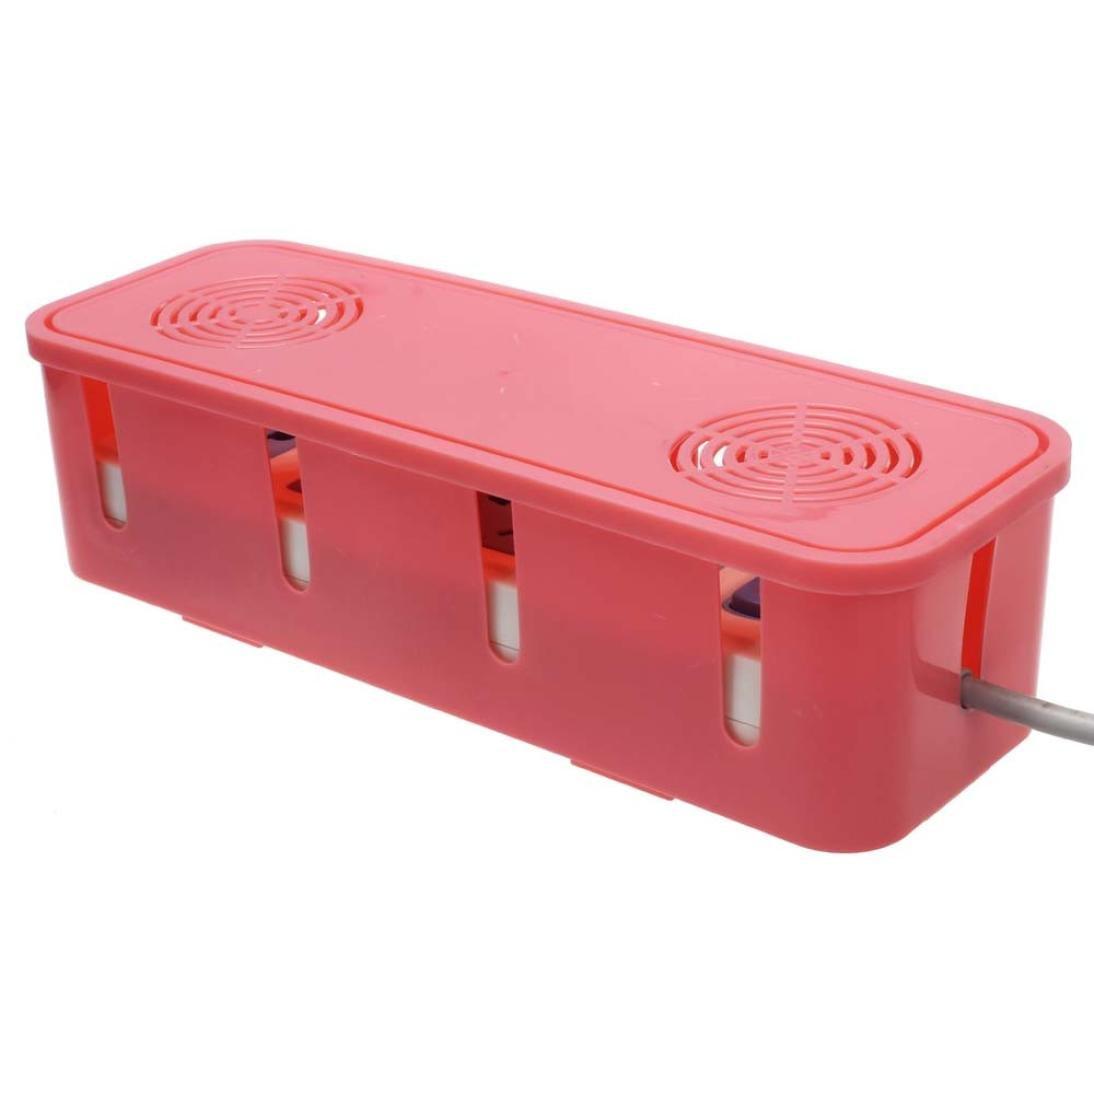 newkelly Cable de alimentación zócalo caja de almacenaje con refrigeración tira de agujero acabado caja: Amazon.es: Hogar